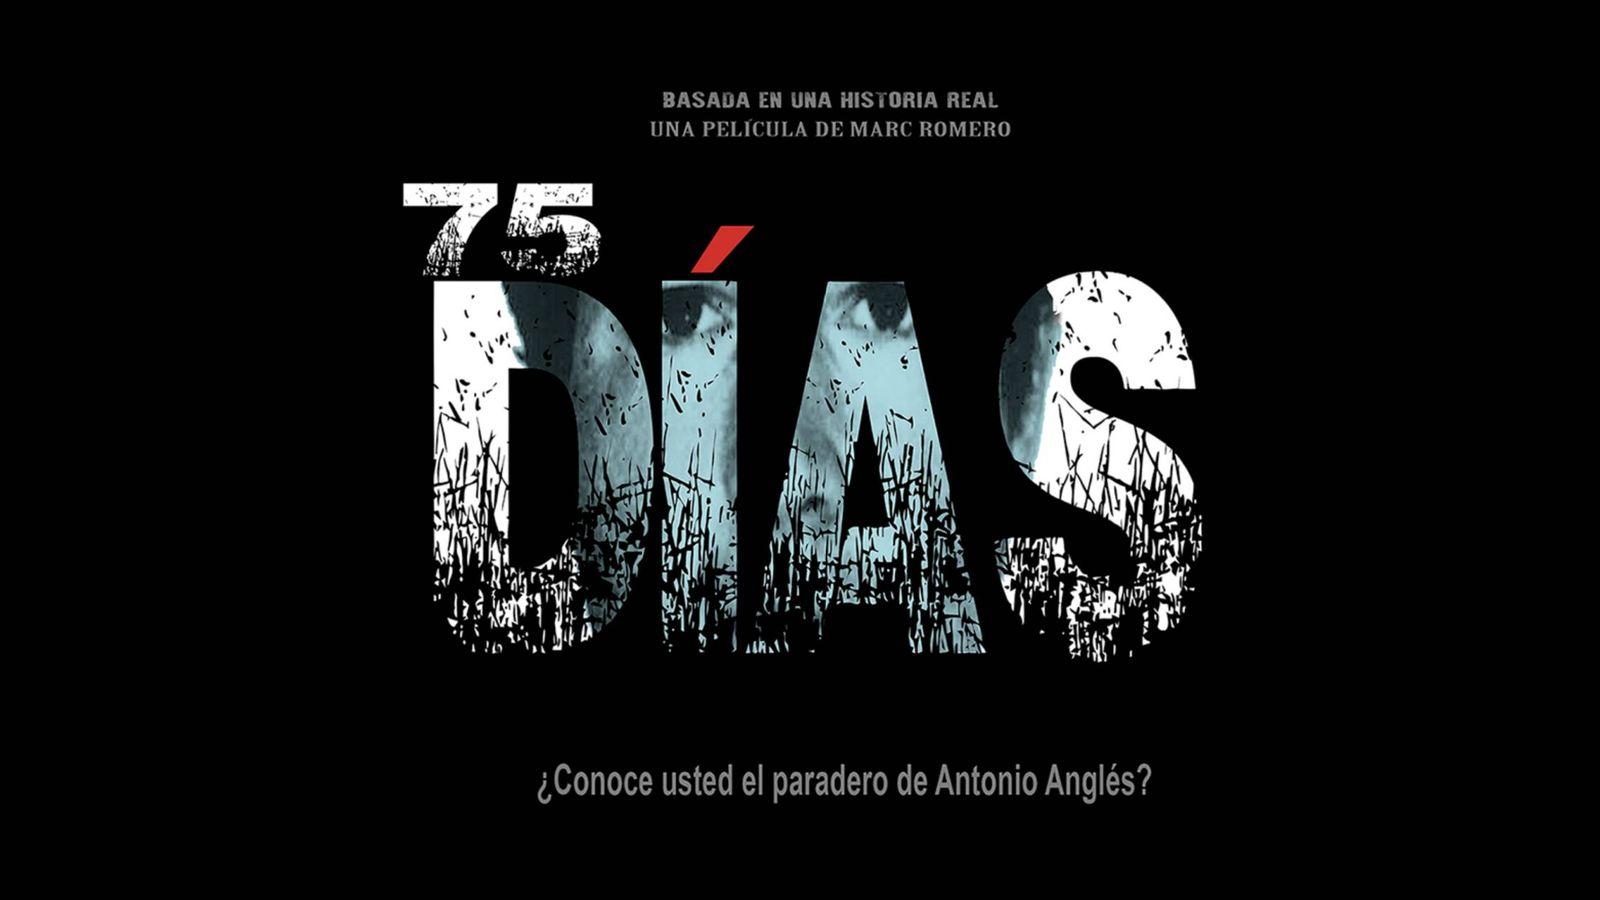 Foto: Imagen promocional de la película '75 días'.